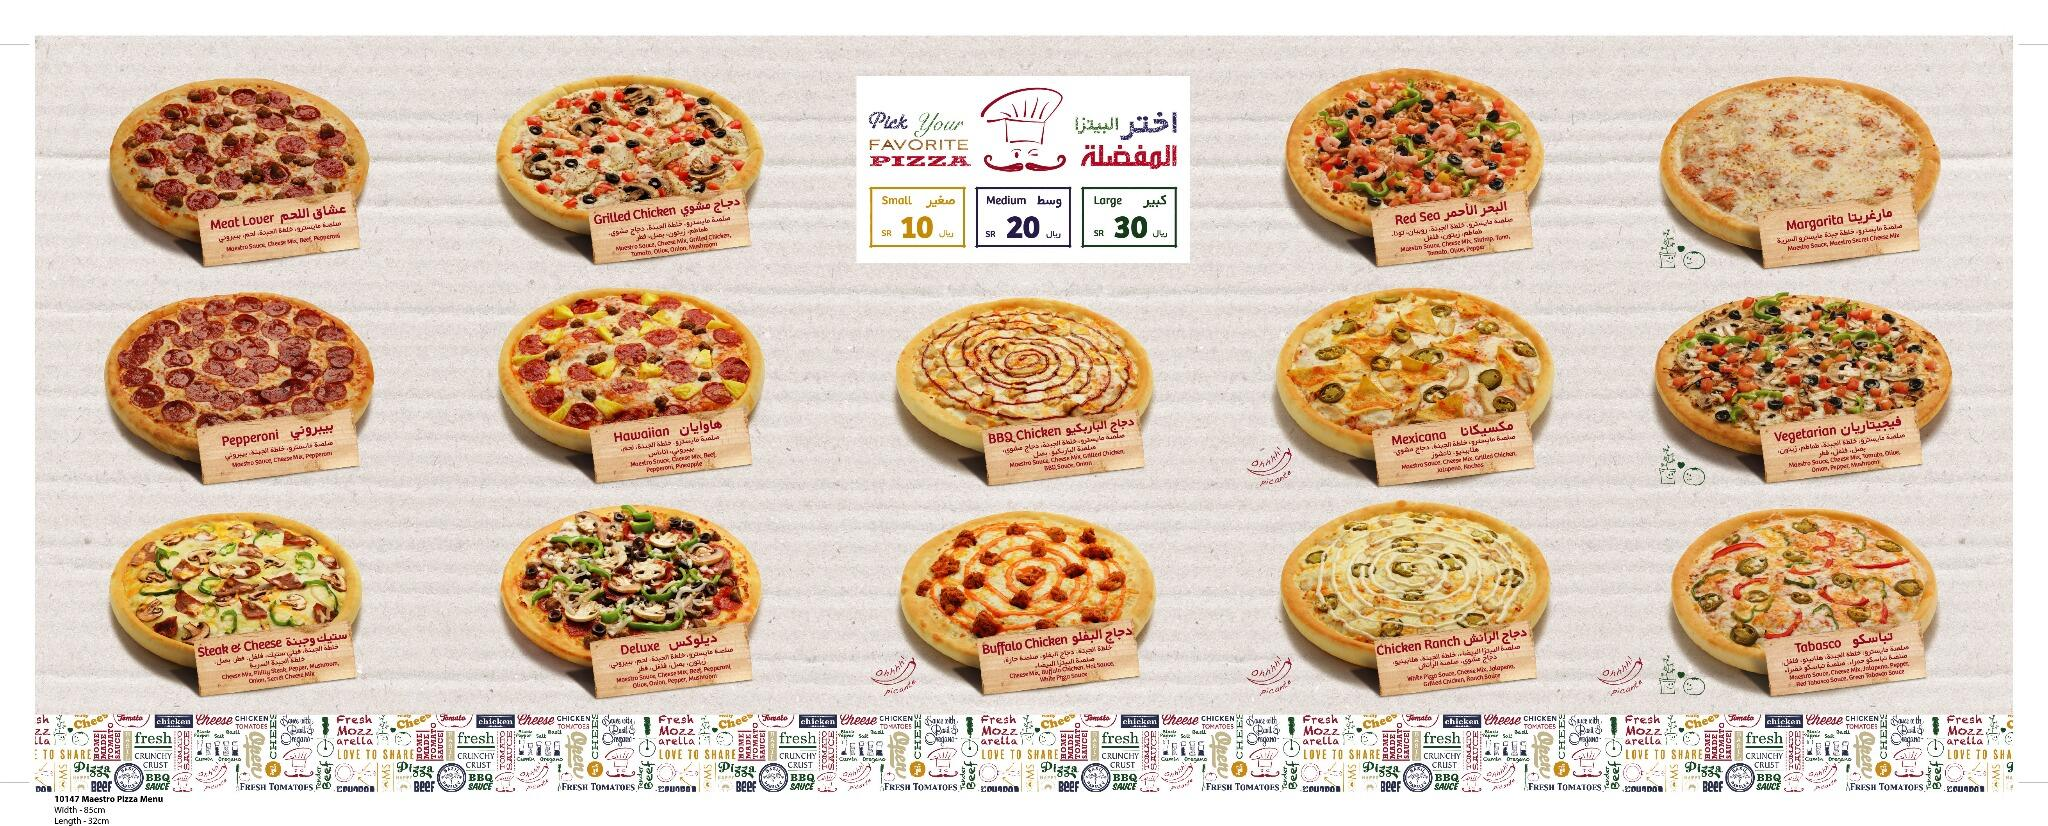 مايسترو بيتزا On Twitter Check Our Menu تفضلوا قائمة البيتزا عندنا جرب واحكم مايسترو بيتزا Riyadh الرياض مطاعم Riyadhguide Riyadh Rest Http T Co Uievfegiaw